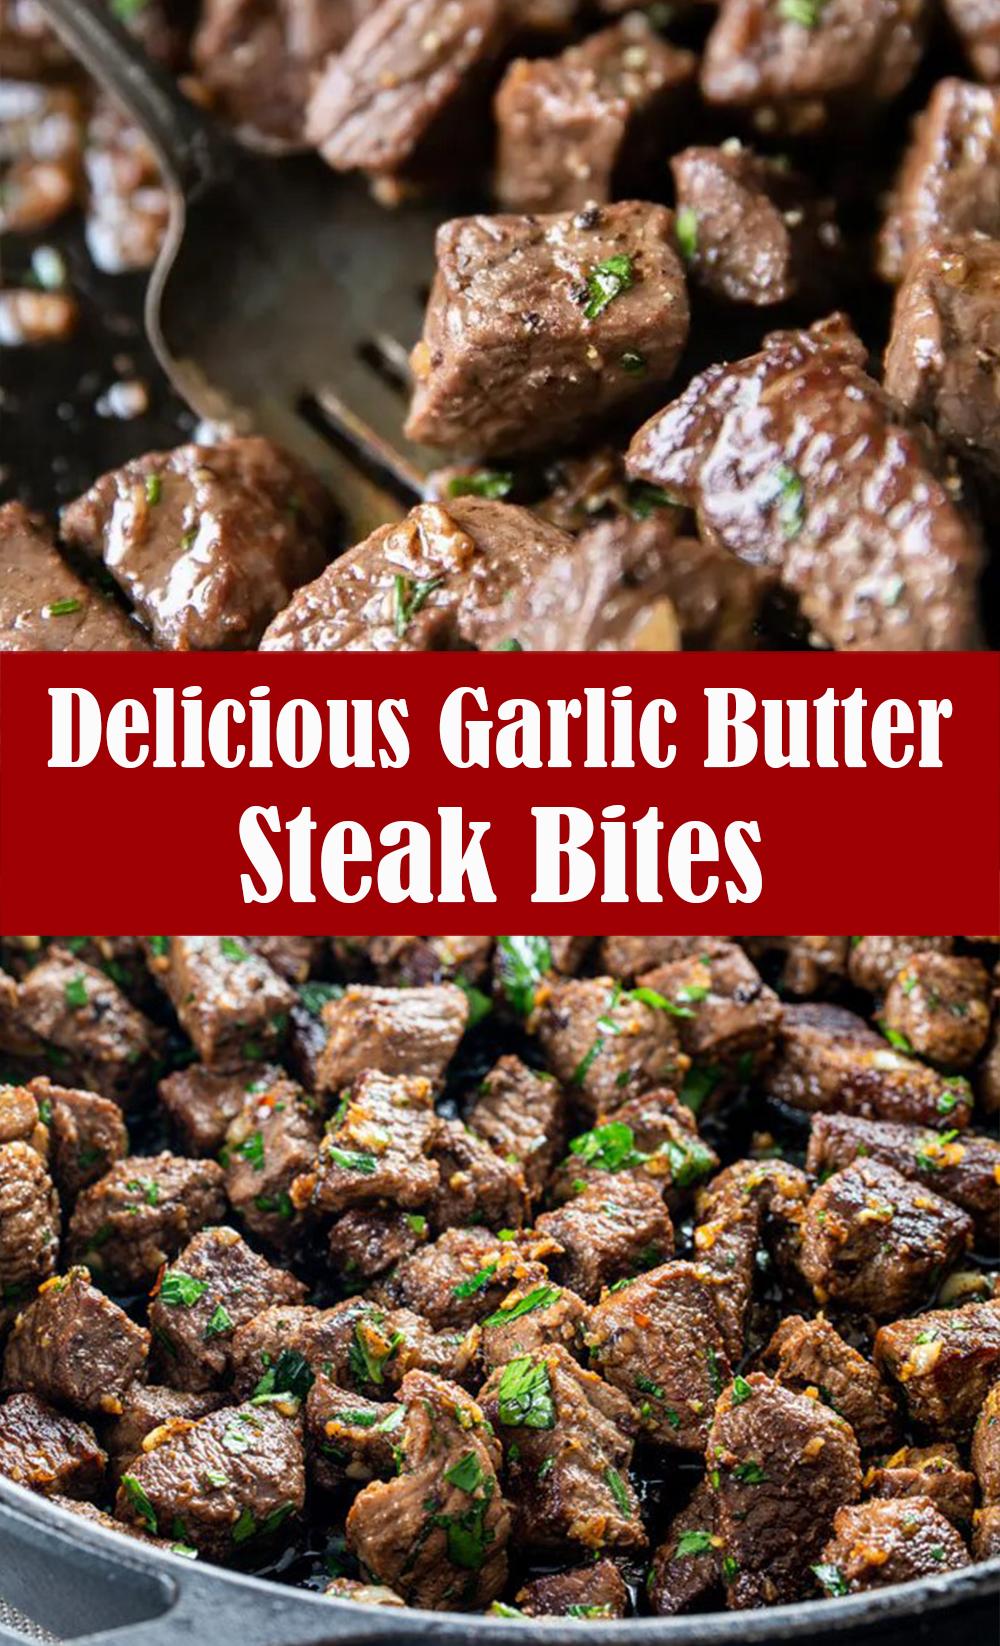 Delicious Garlic Butter Steak Bites